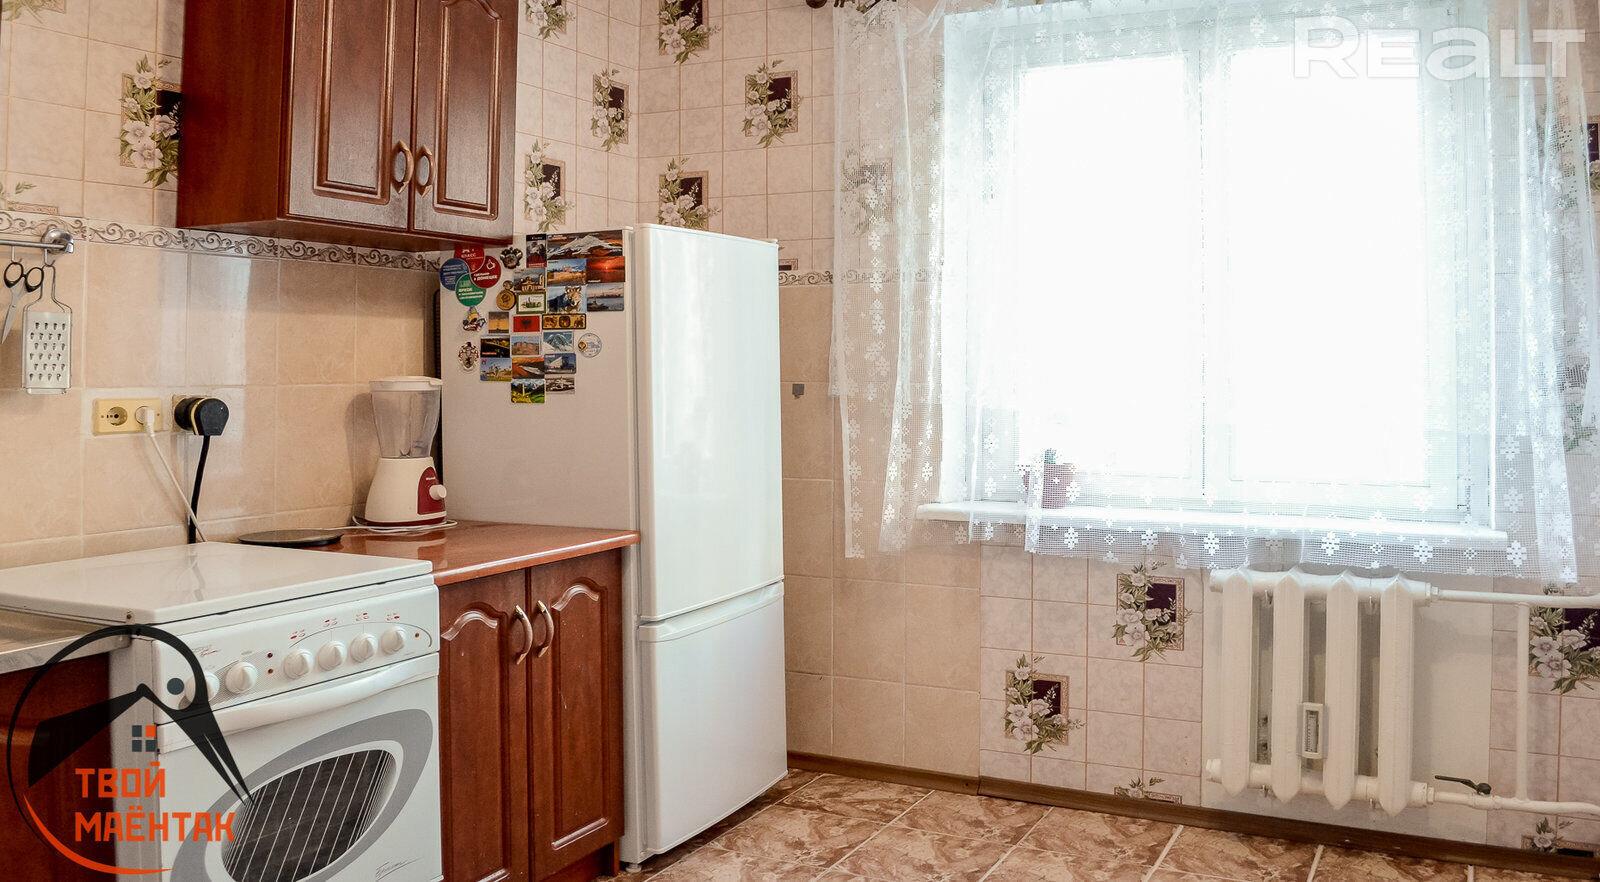 Продается 1 комнатная квартира, ул. Лучины д.46 - фото №10